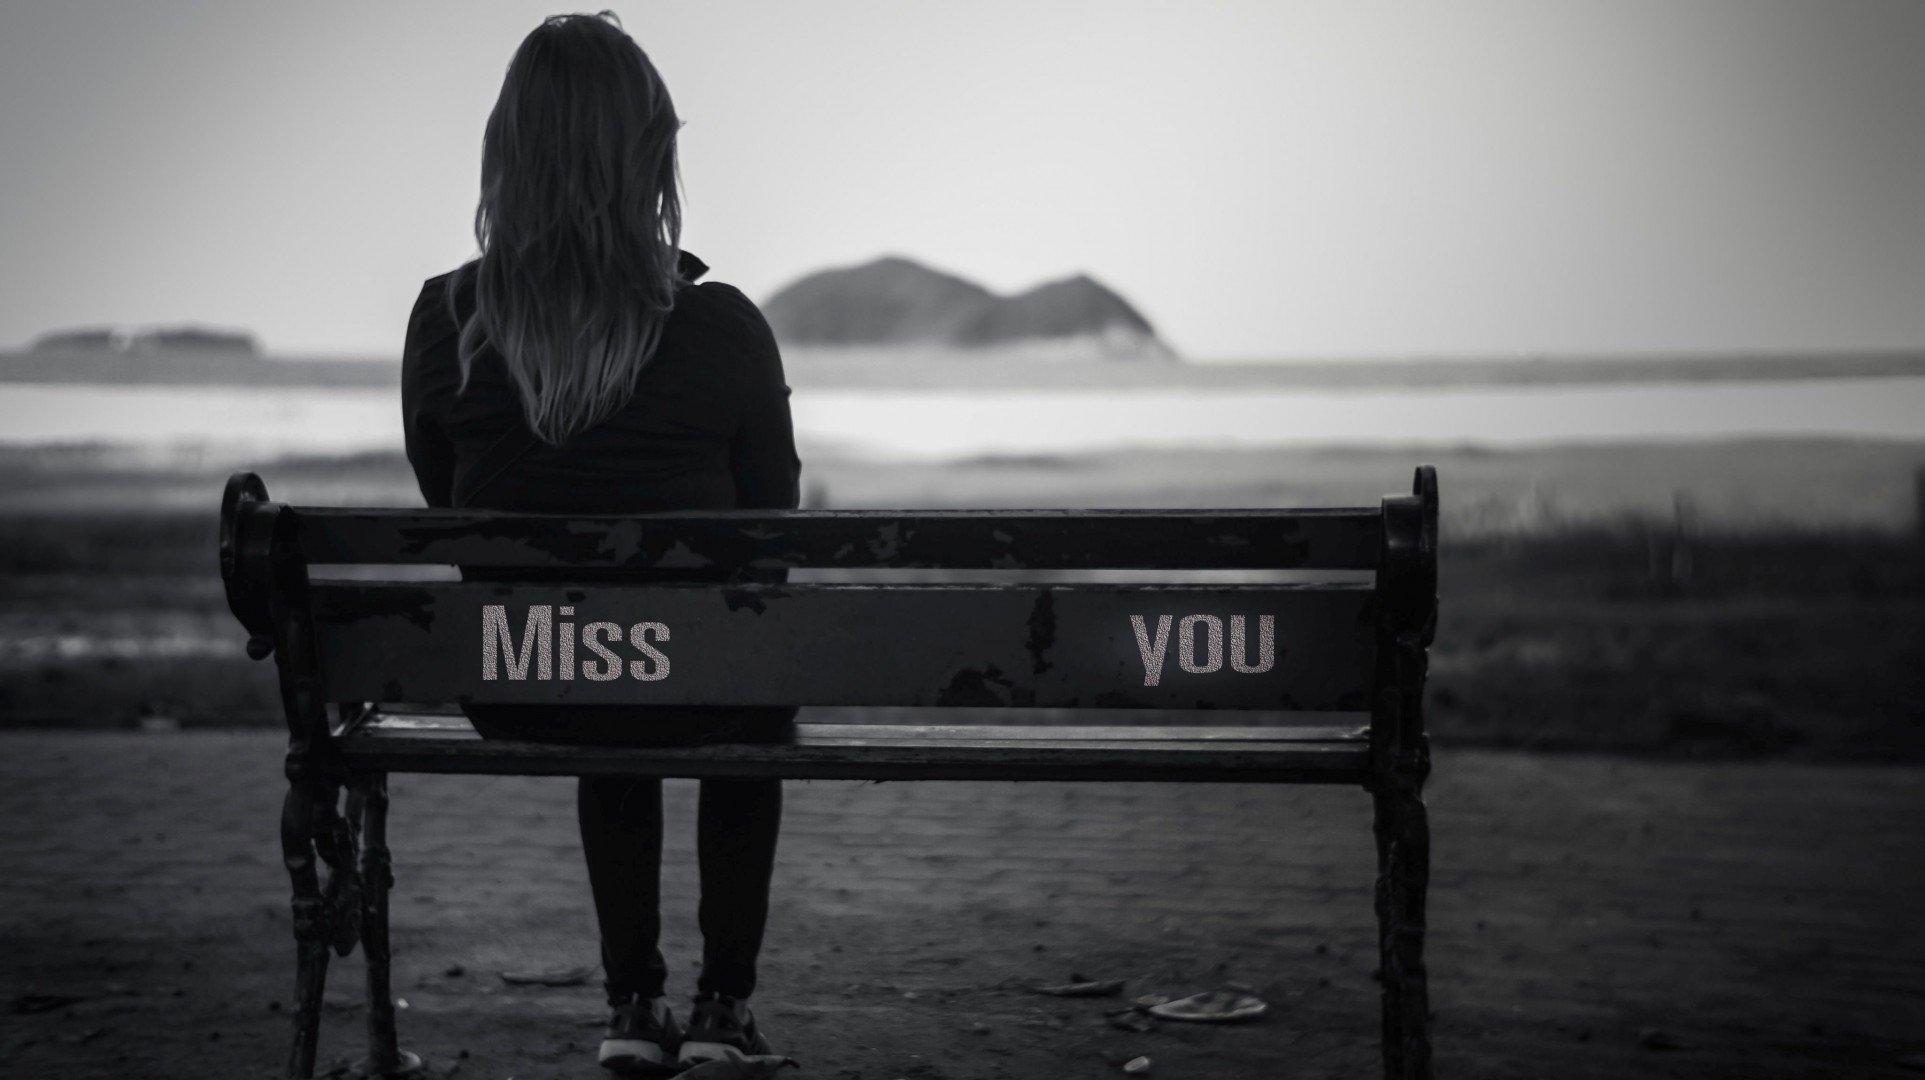 صور حزينة خلفيات Background صور حزينة Sad Images